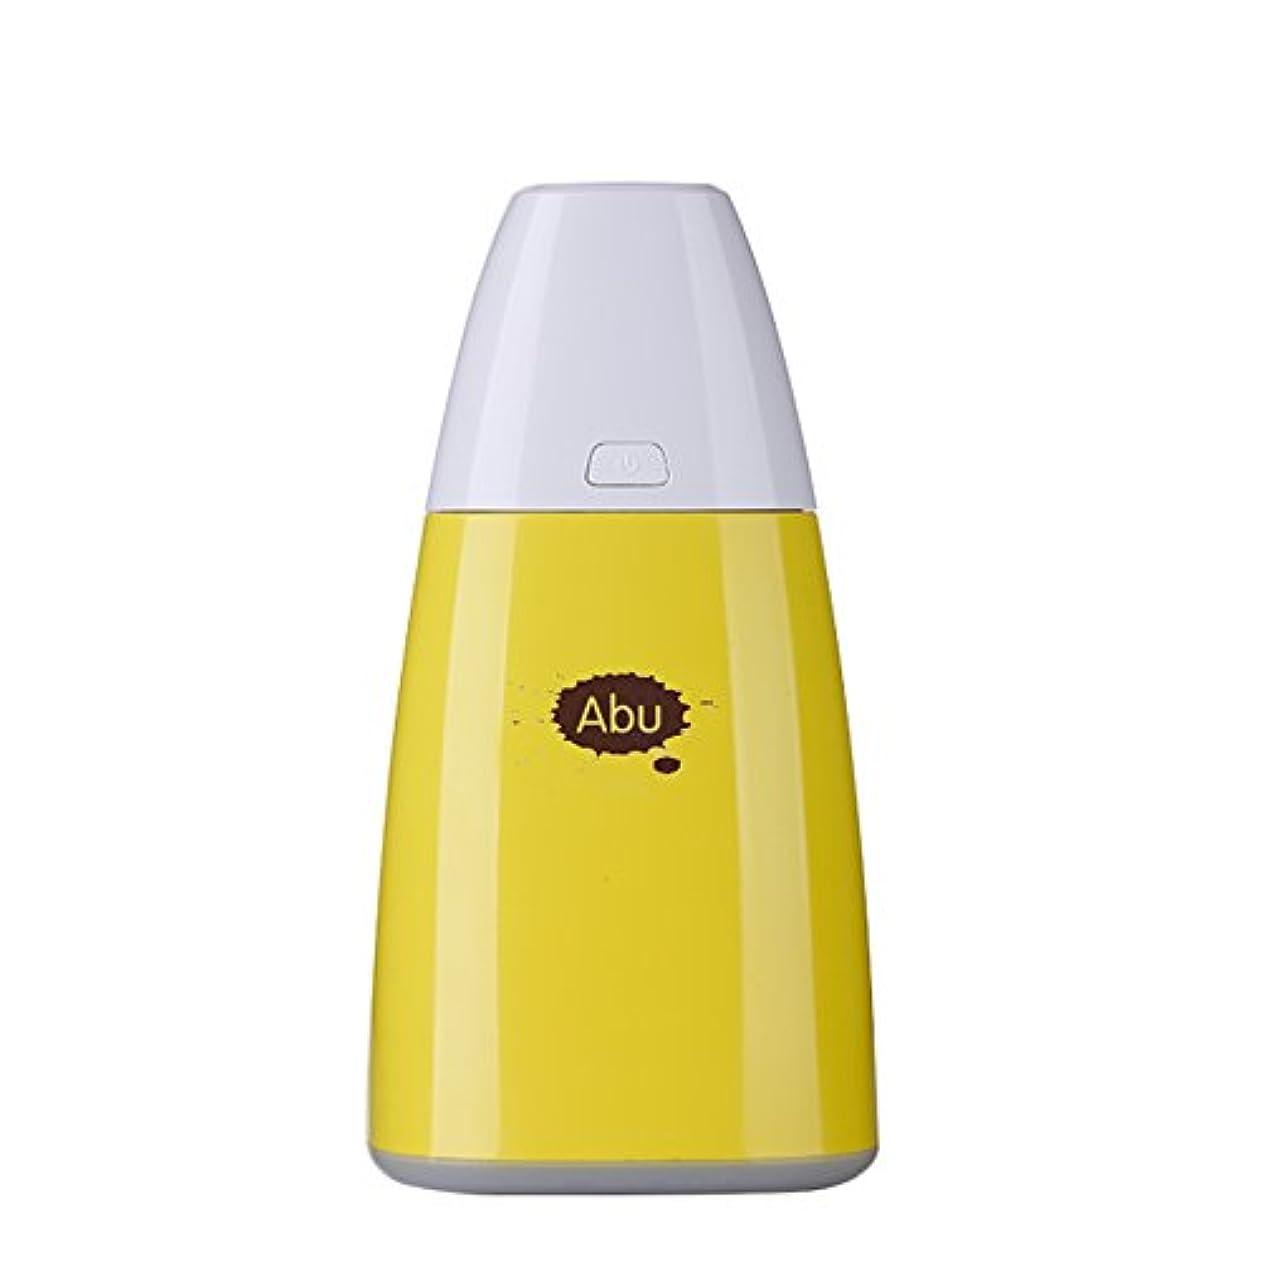 自伝ブリードほぼRakuby 250ml USBポータブル アロマ セラピーエッセンシャルオイル ディフューザー ミニ 超音波 クールミスト加湿器 カラフル LEDライト ホームオフィス 寝室用